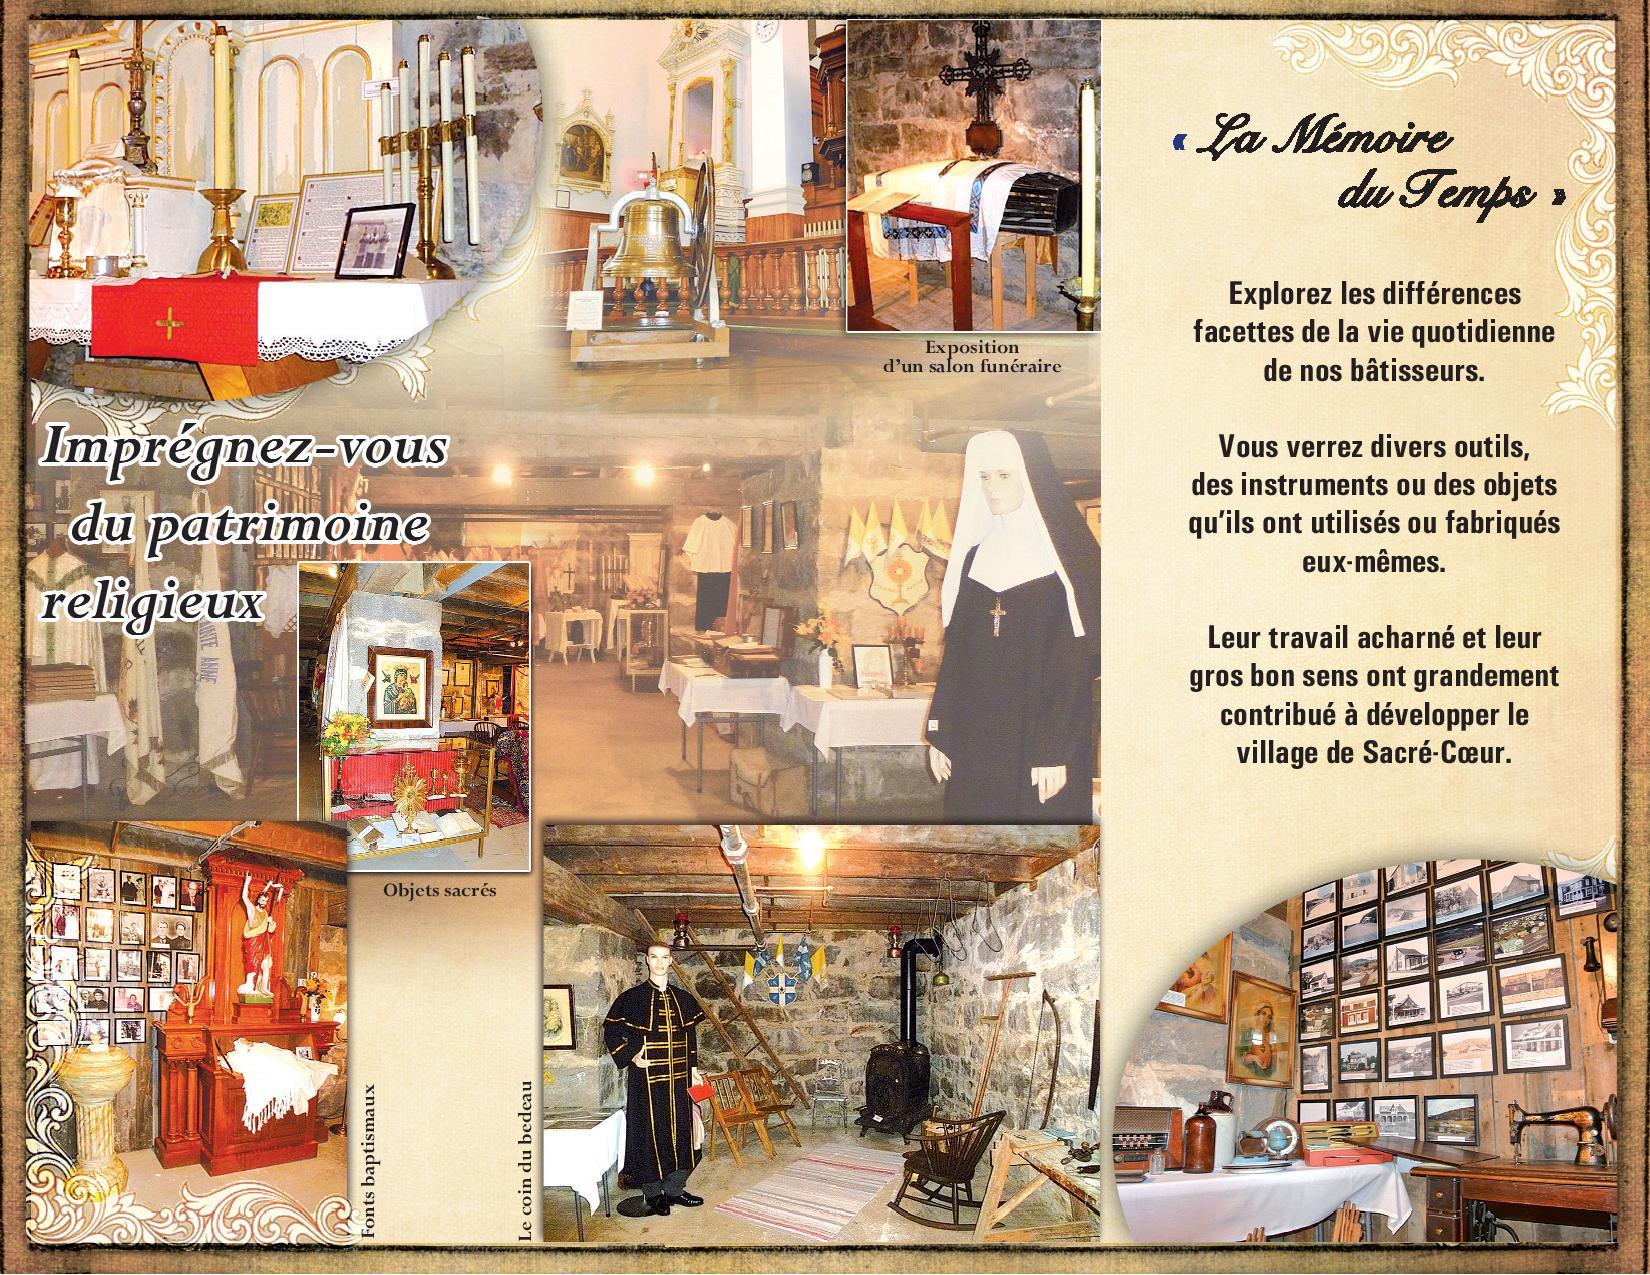 Exposition-La-Mémoire-du-Temps-page-001